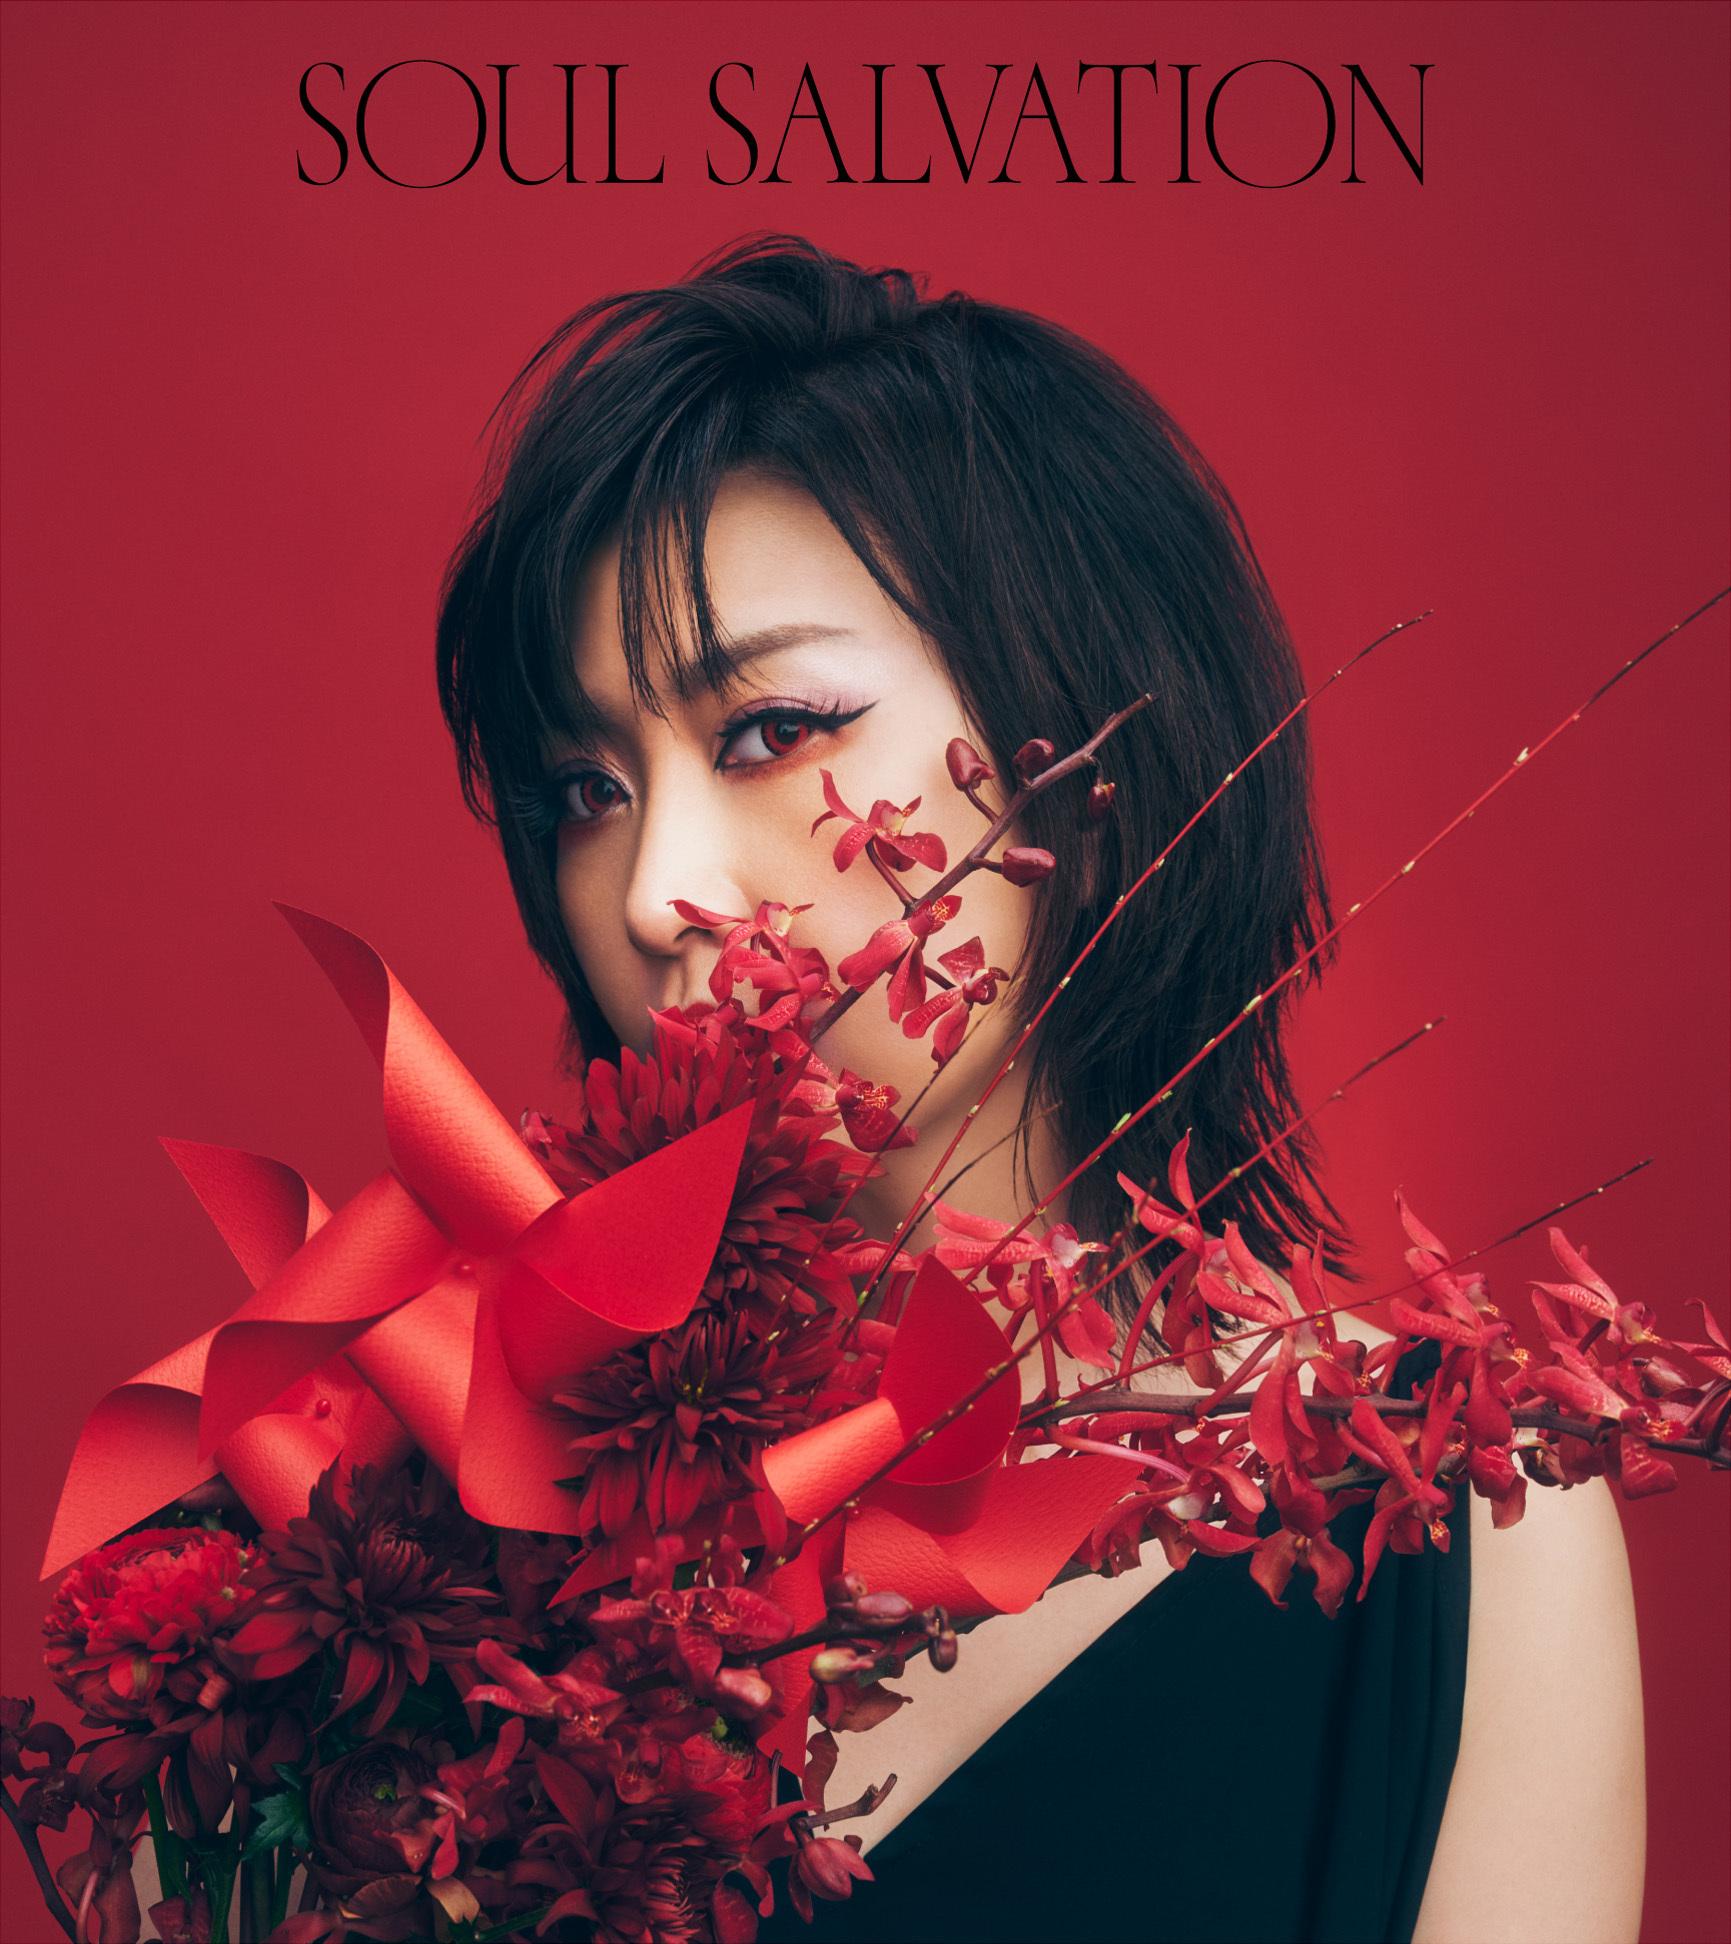 林原めぐみ「Soul salvation」ジャケット写真